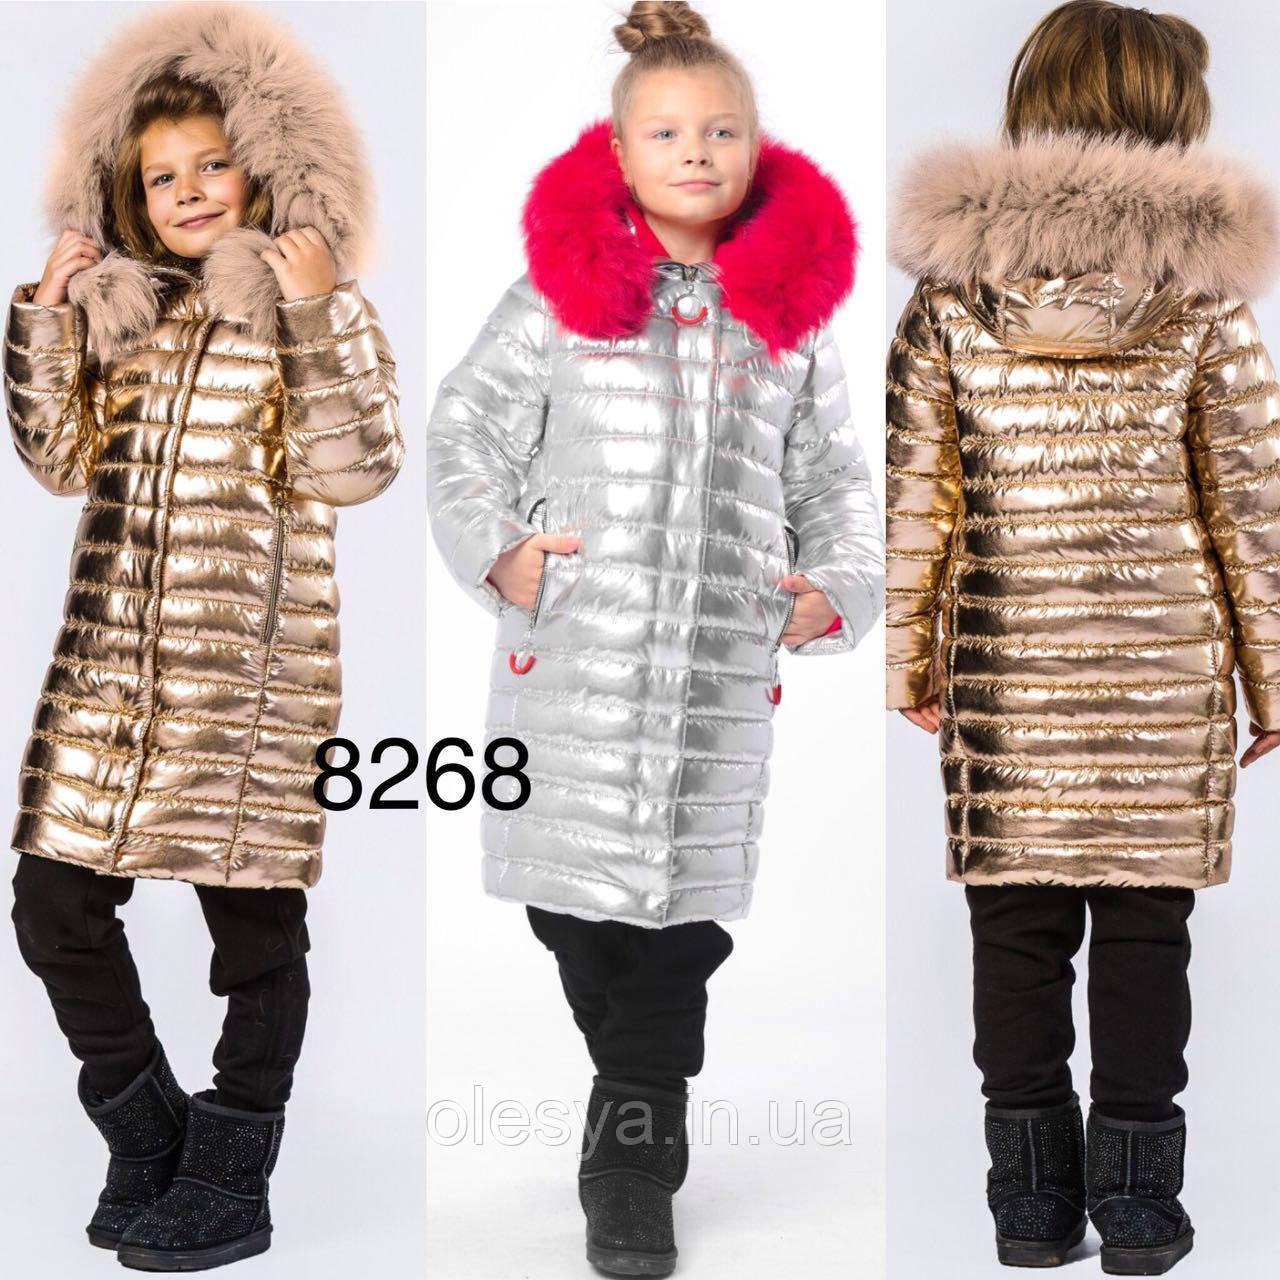 Детское зимнее Пальто на девочку X-Woyz 8268 Размер 34 Розовое золото